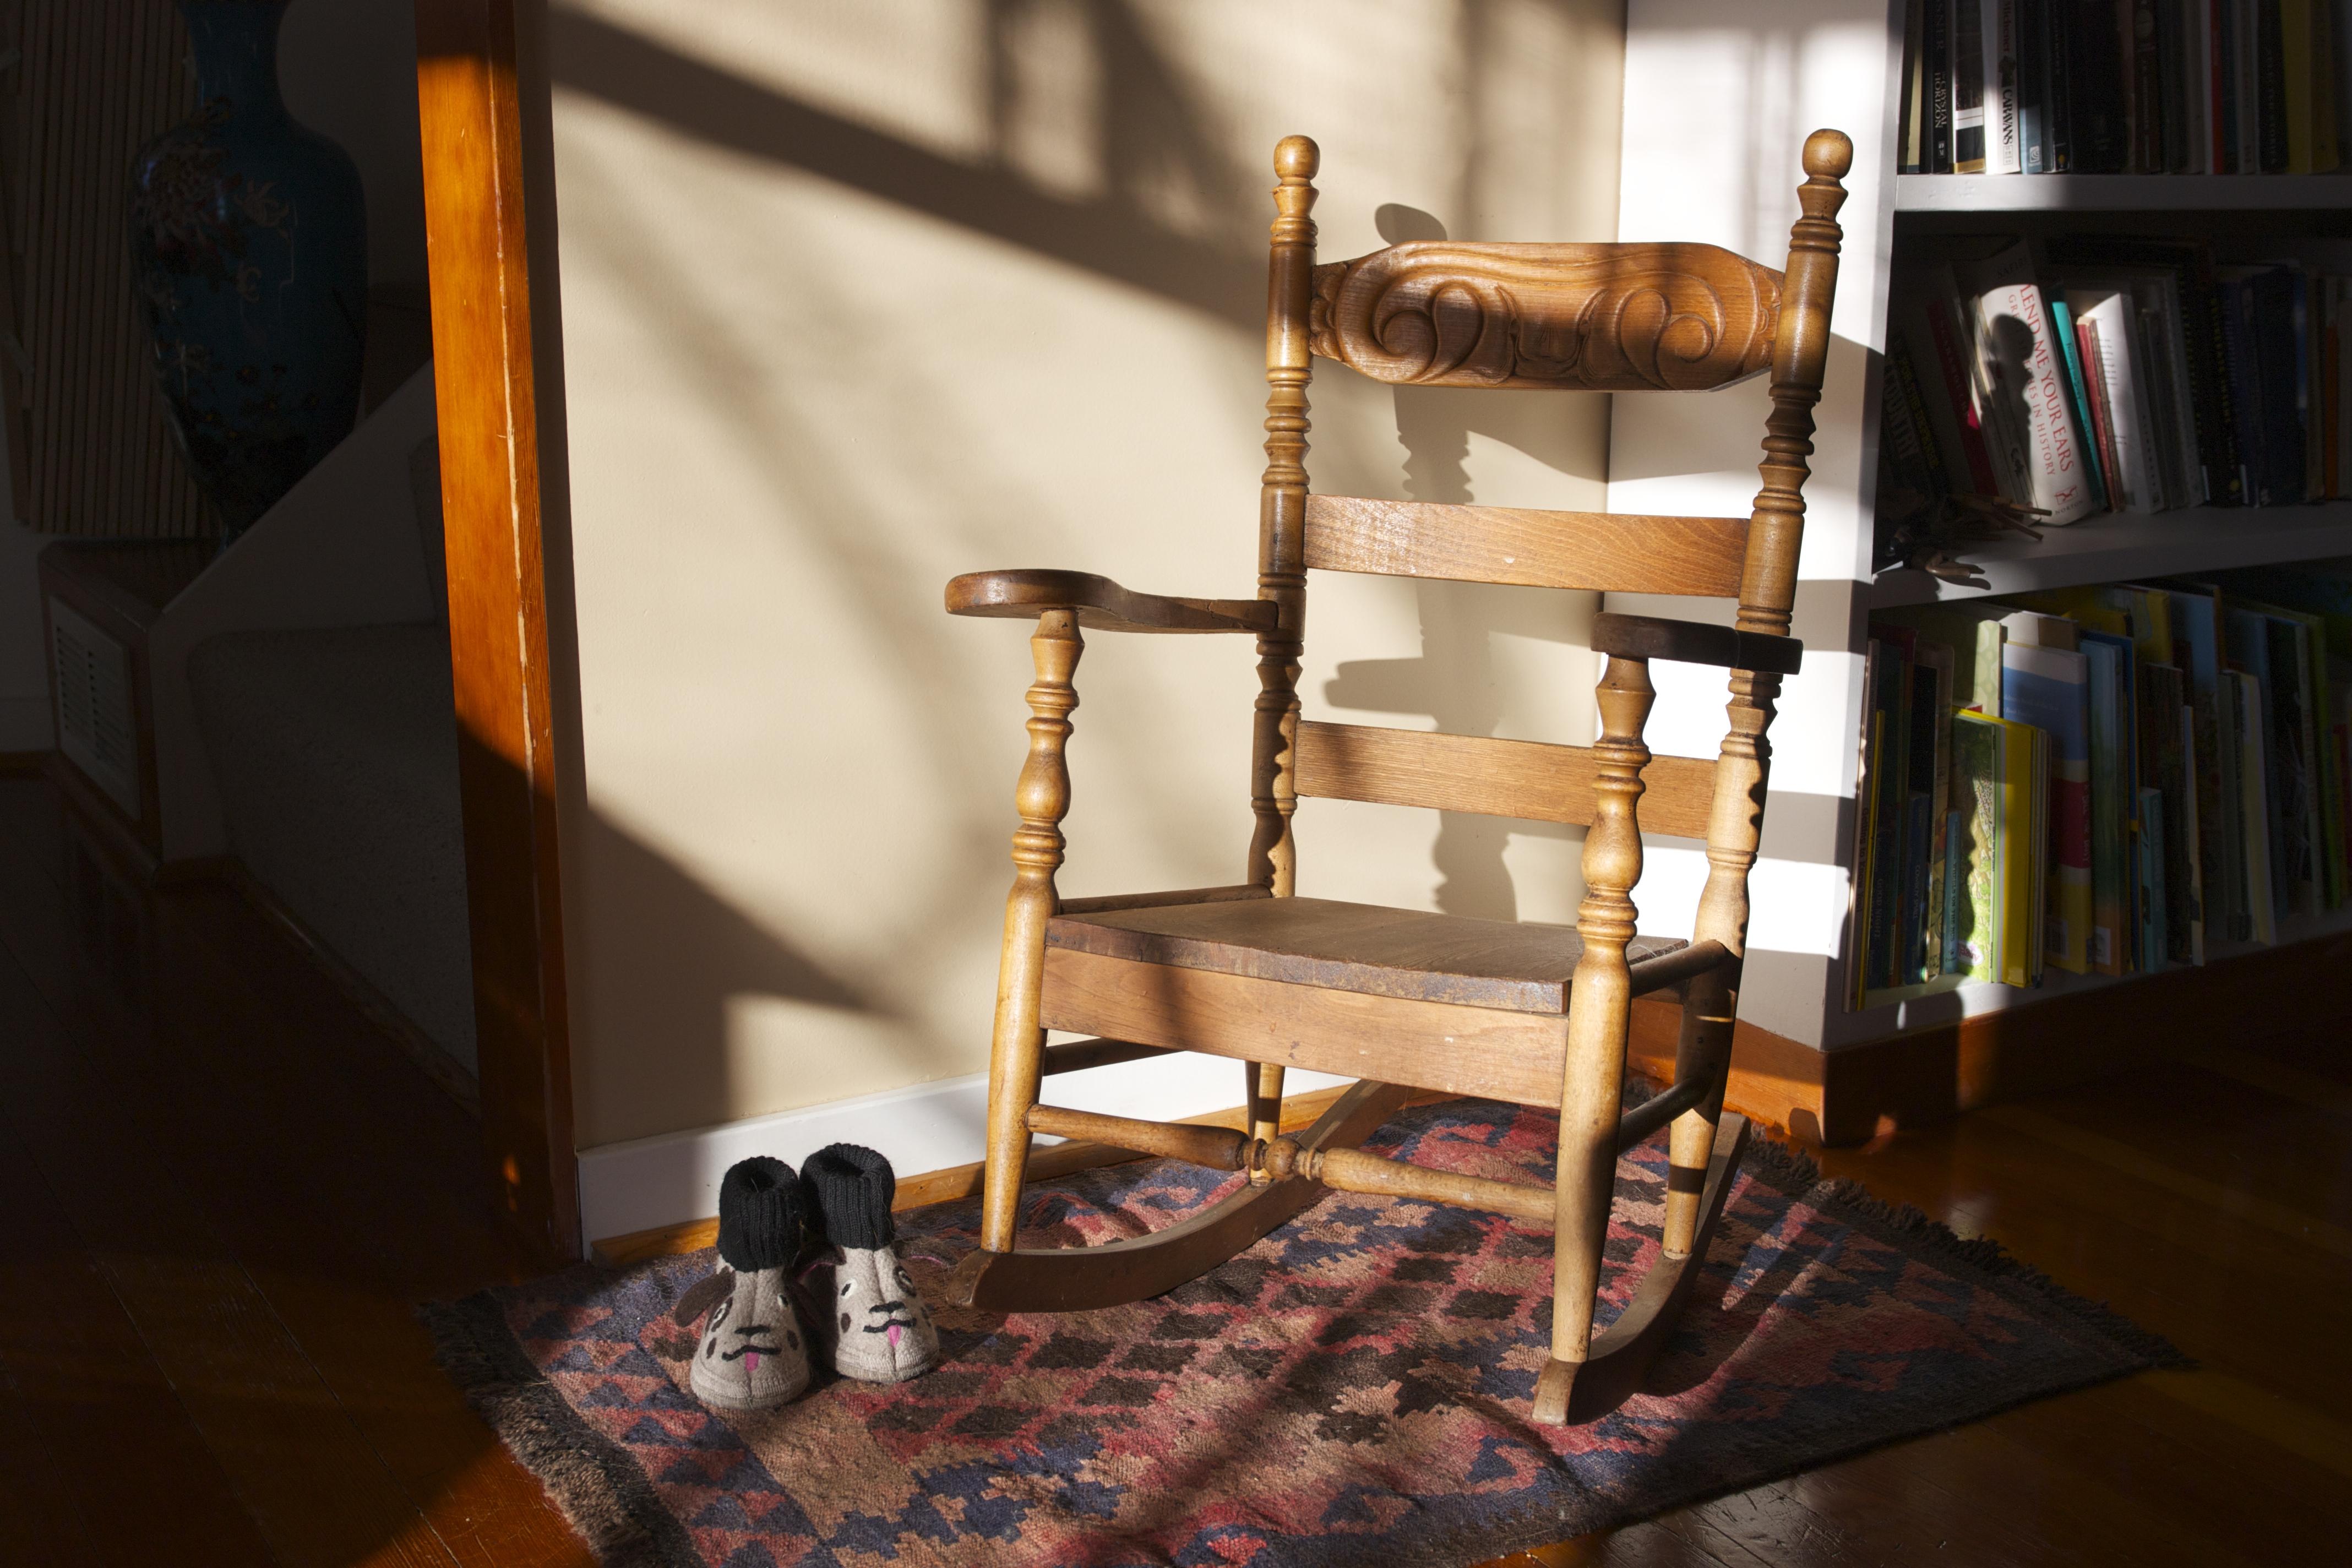 Opal's chair